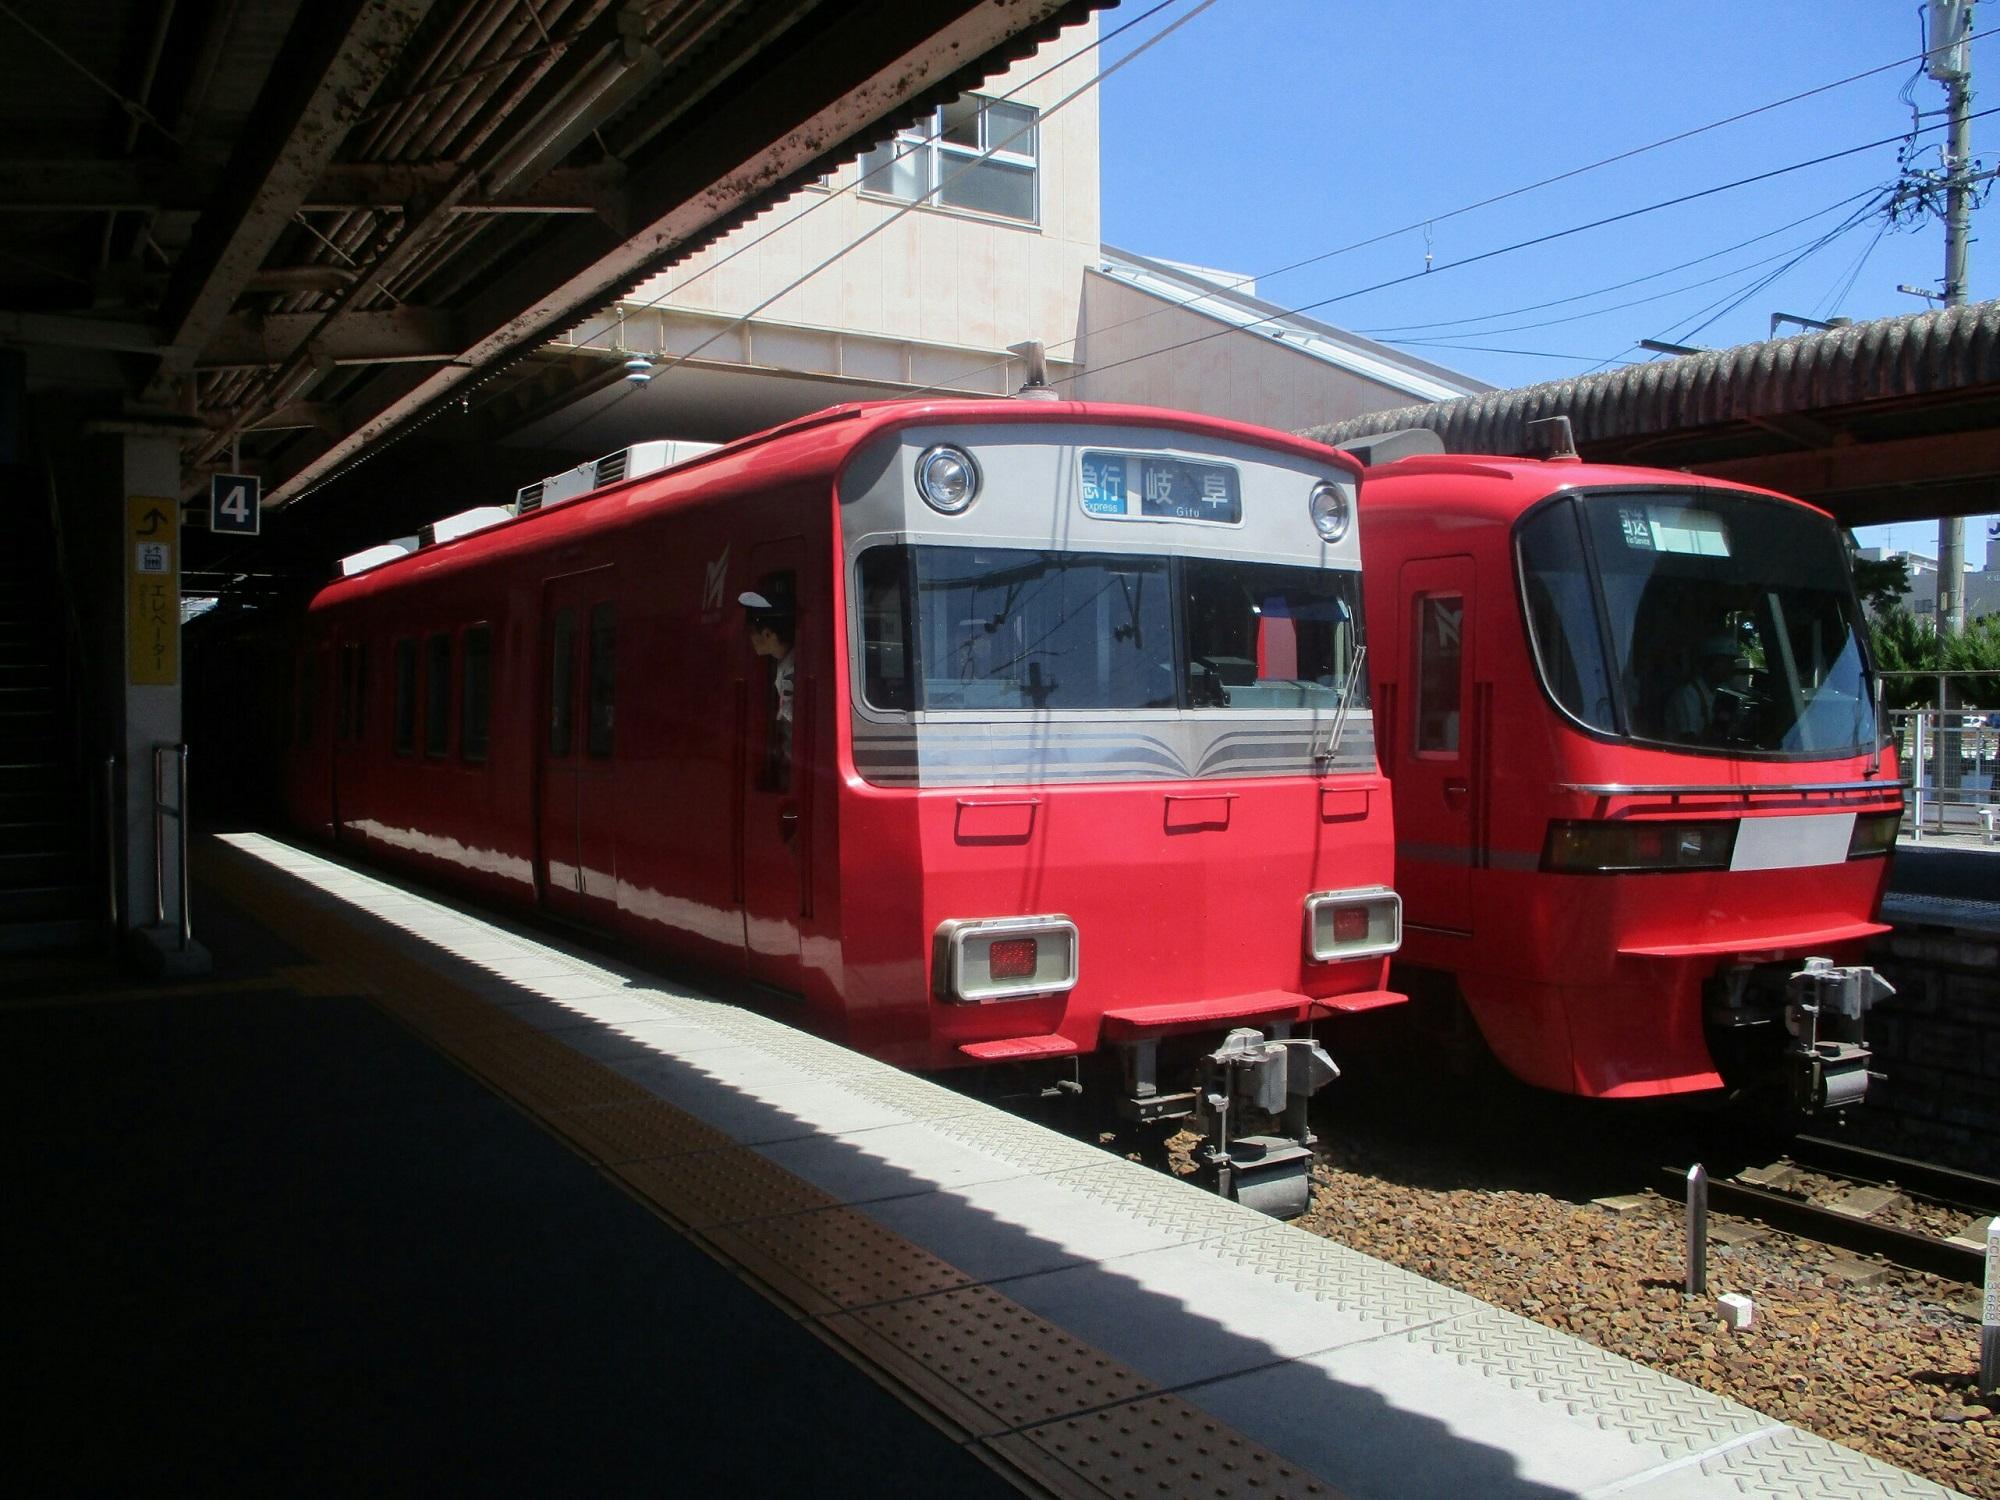 2018.8.17 (78) 犬山 - 岐阜いき急行と回送 2000-1500